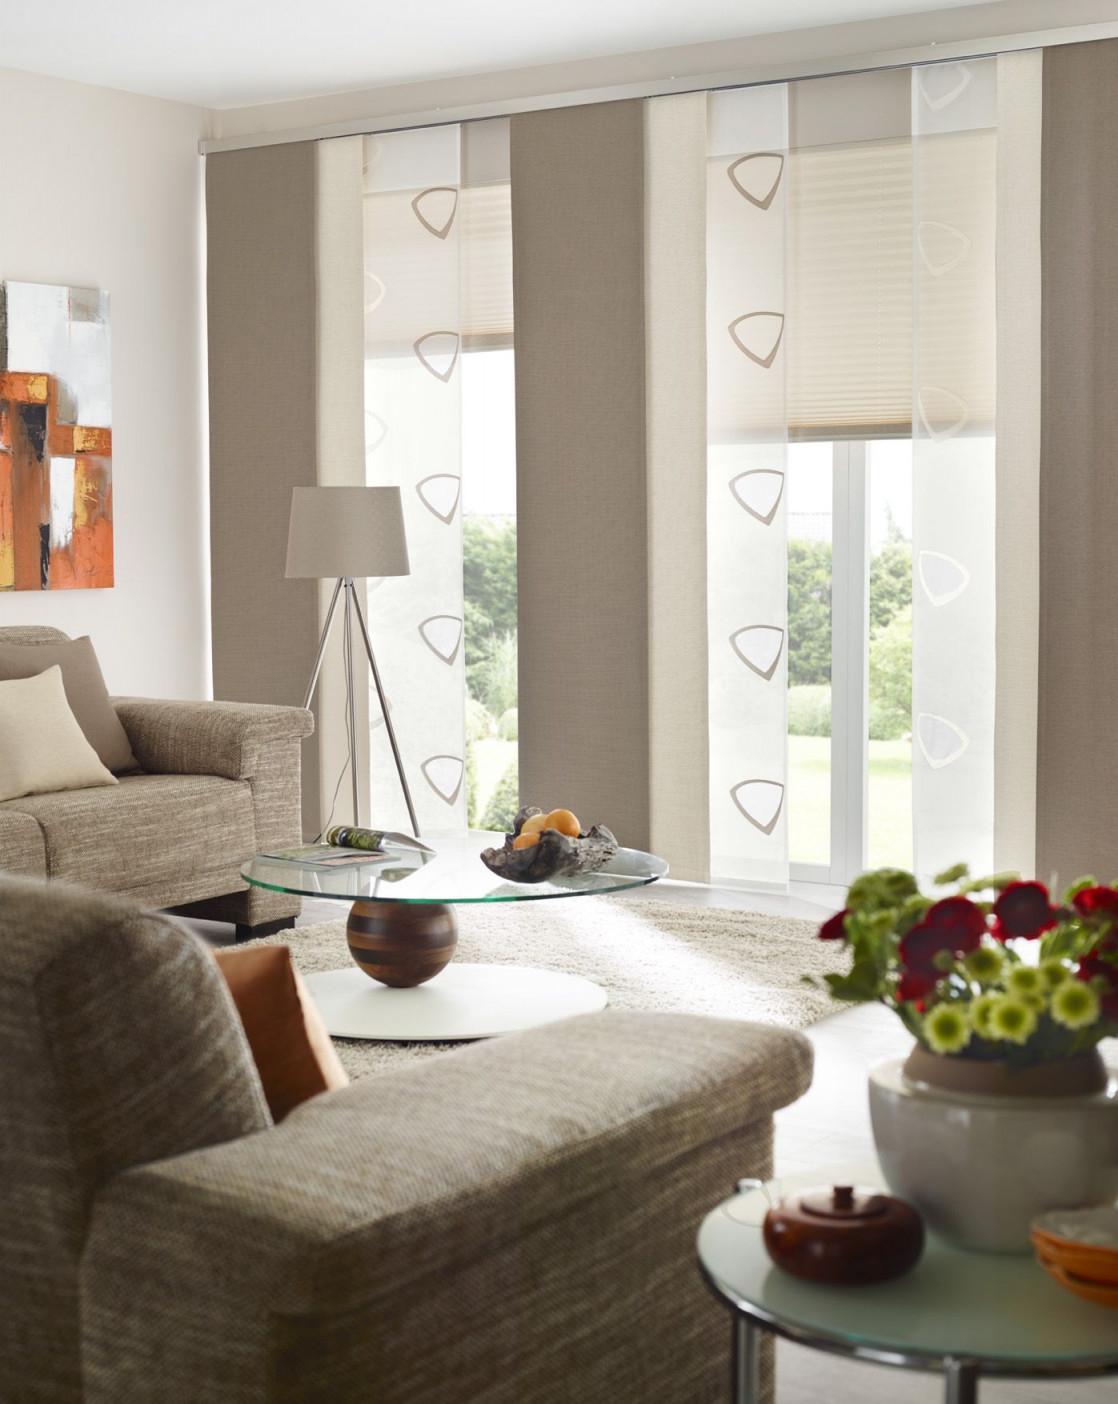 Fenster Urbansteel Gardinen Dekostoffe Vorhang von Gardinen Ideen Für Wohnzimmer Photo